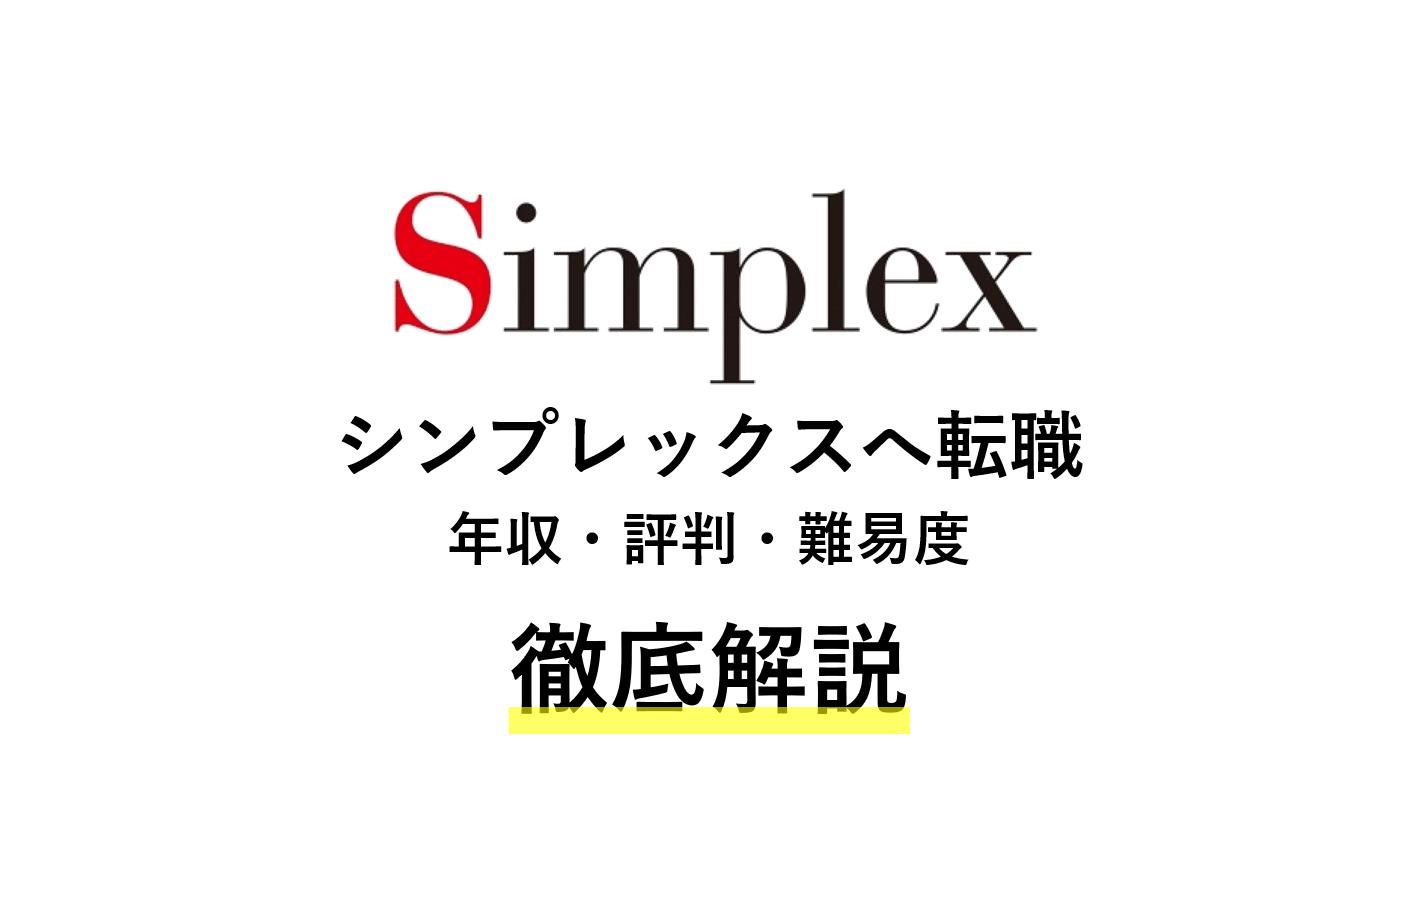 シンプレックスに転職!年収・評判・難易度を解説